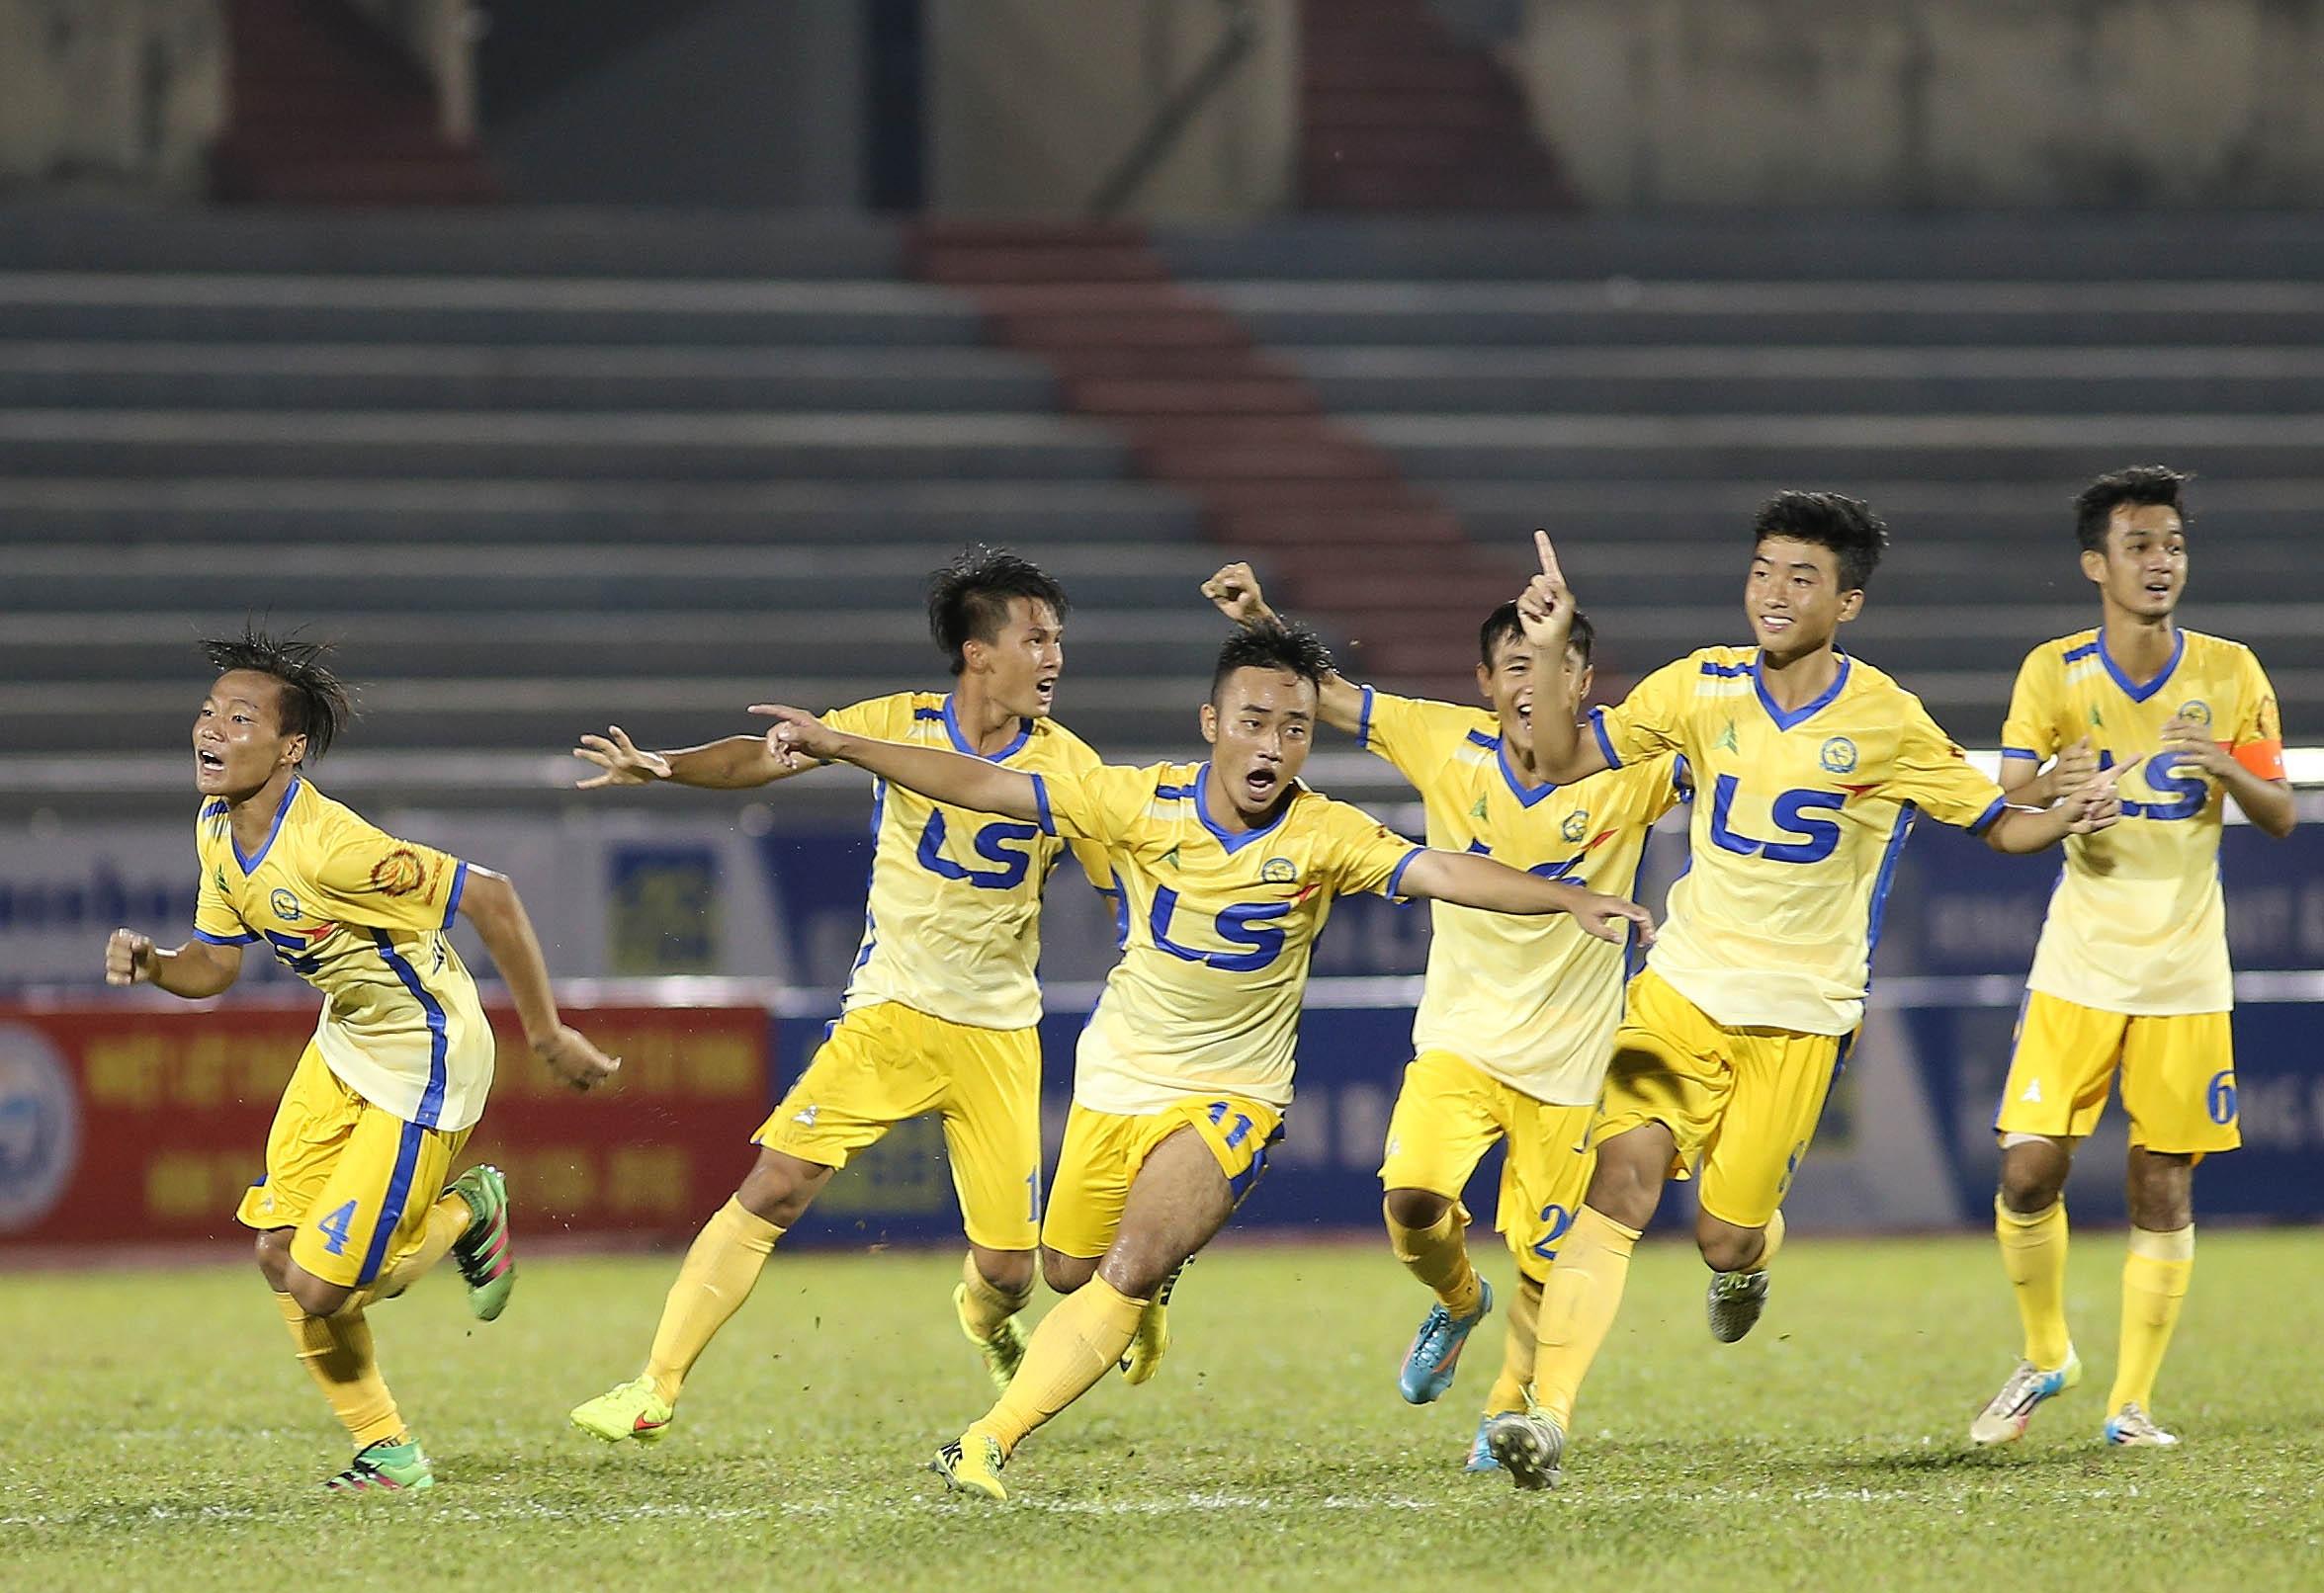 Niềm vui của các cầu thủ trẻ Đồng Tháp sau khi giành quyền vào chung kết